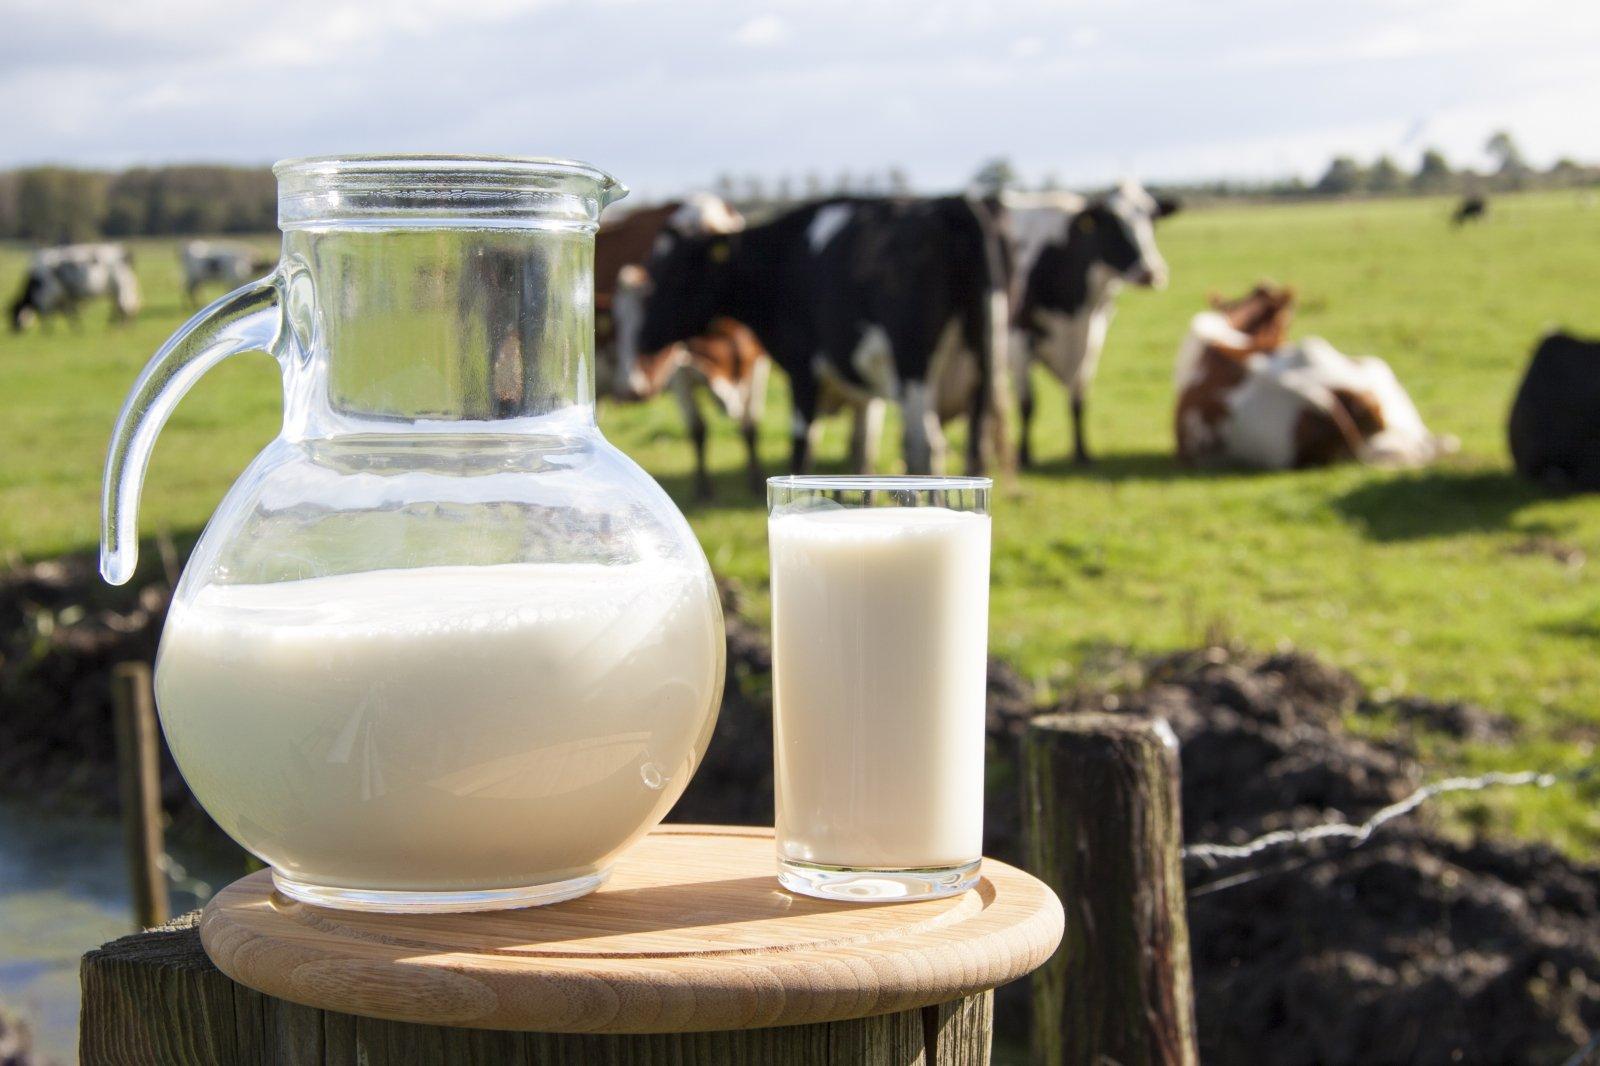 valgyti karvės širdį nauda sveikatai